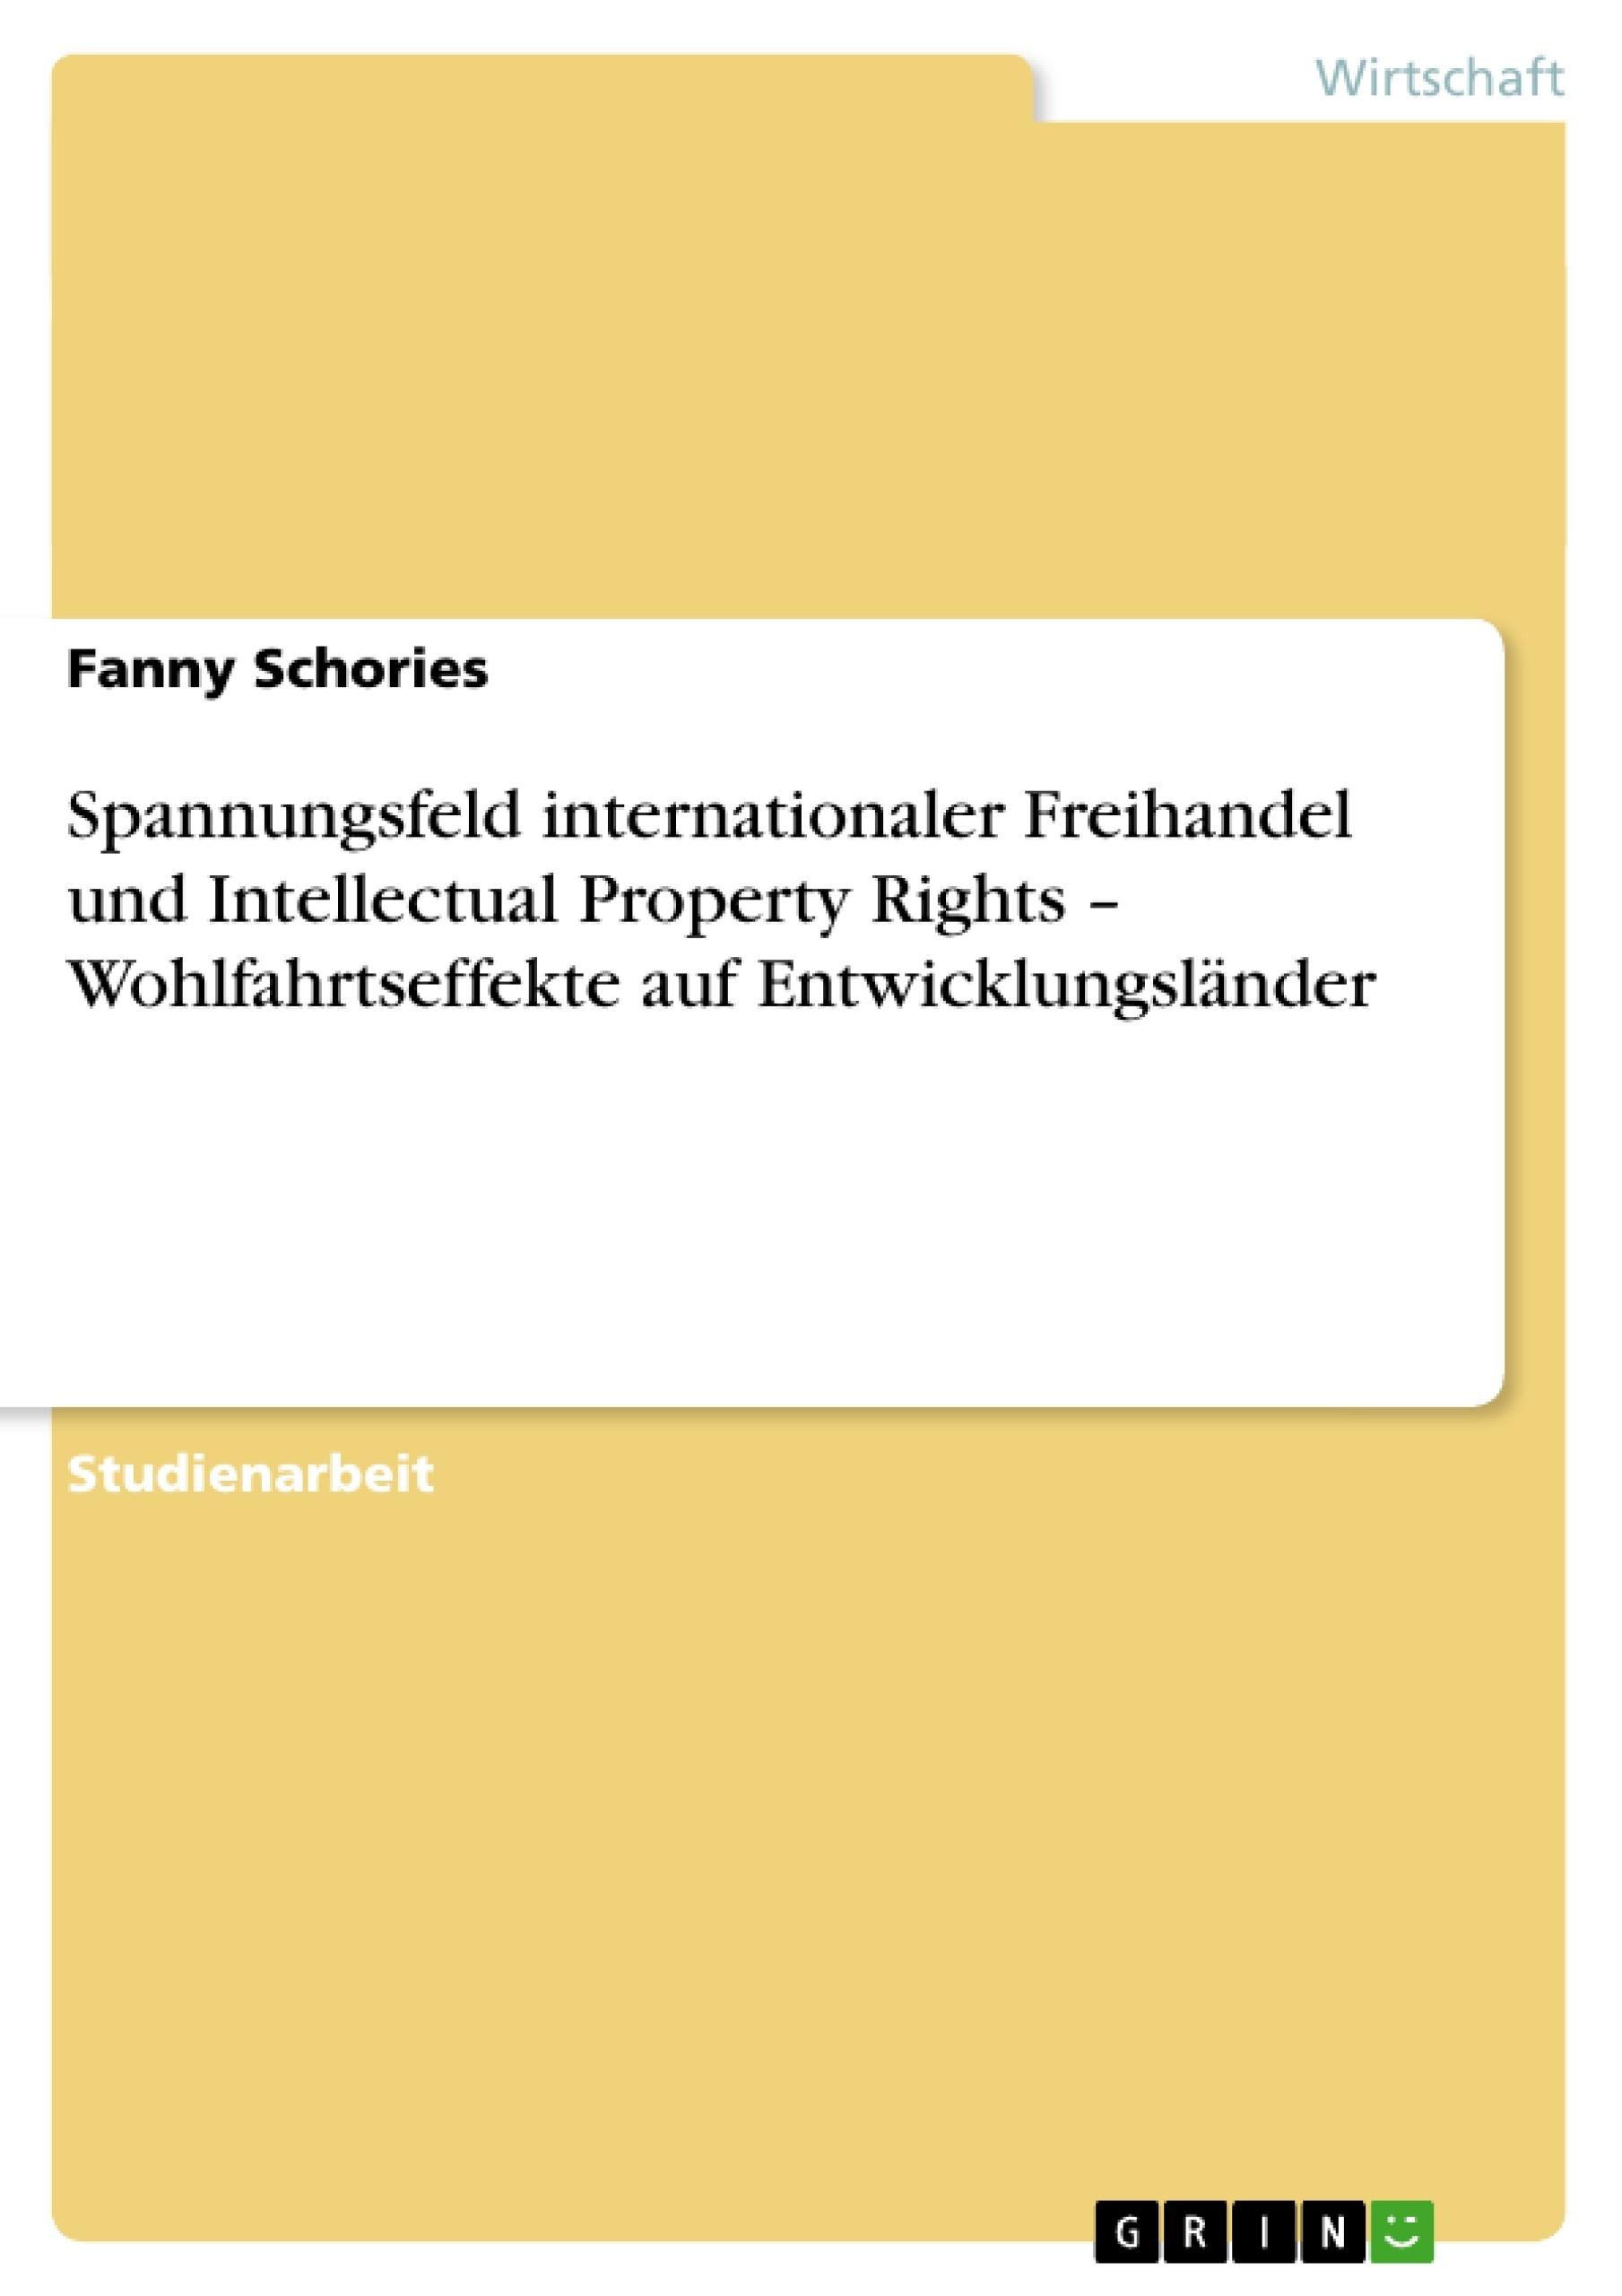 Titel: Spannungsfeld internationaler Freihandel und Intellectual Property Rights – Wohlfahrtseffekte auf Entwicklungsländer